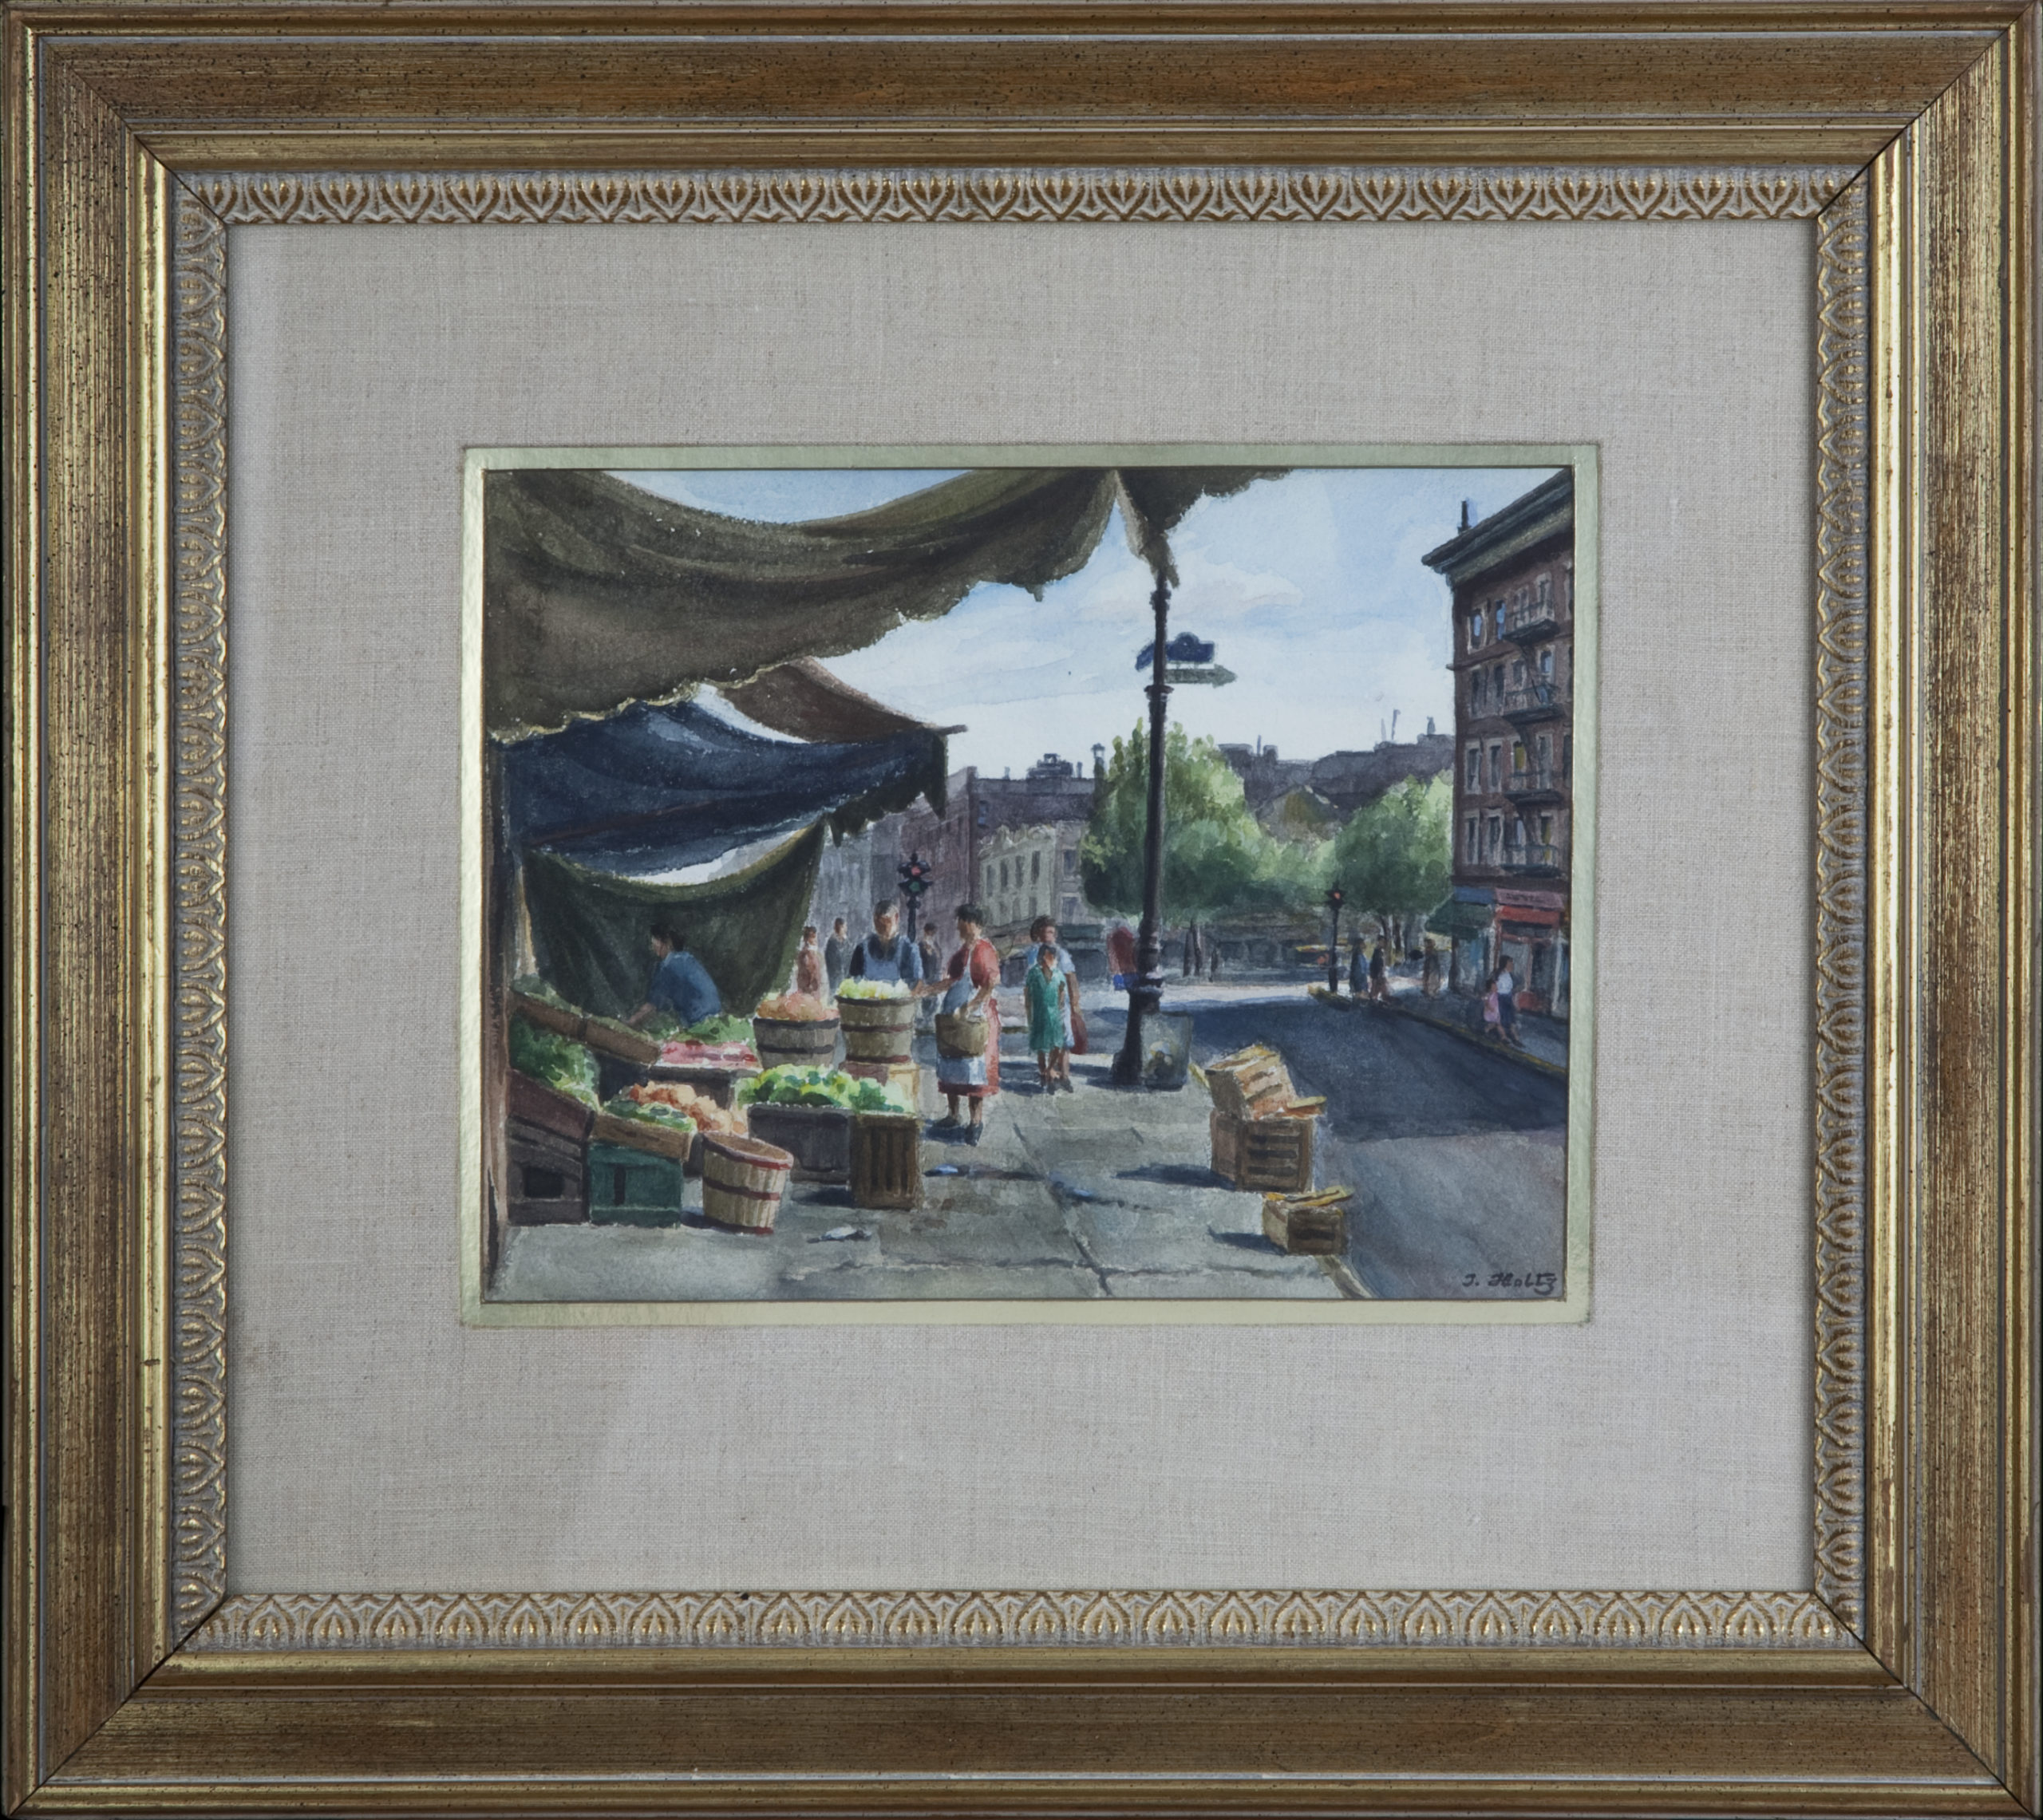 236 Street Scene NY 1960 - Watercolor - 11.75 x 8.75 - Frame: 21.25 x 19 x 1.25